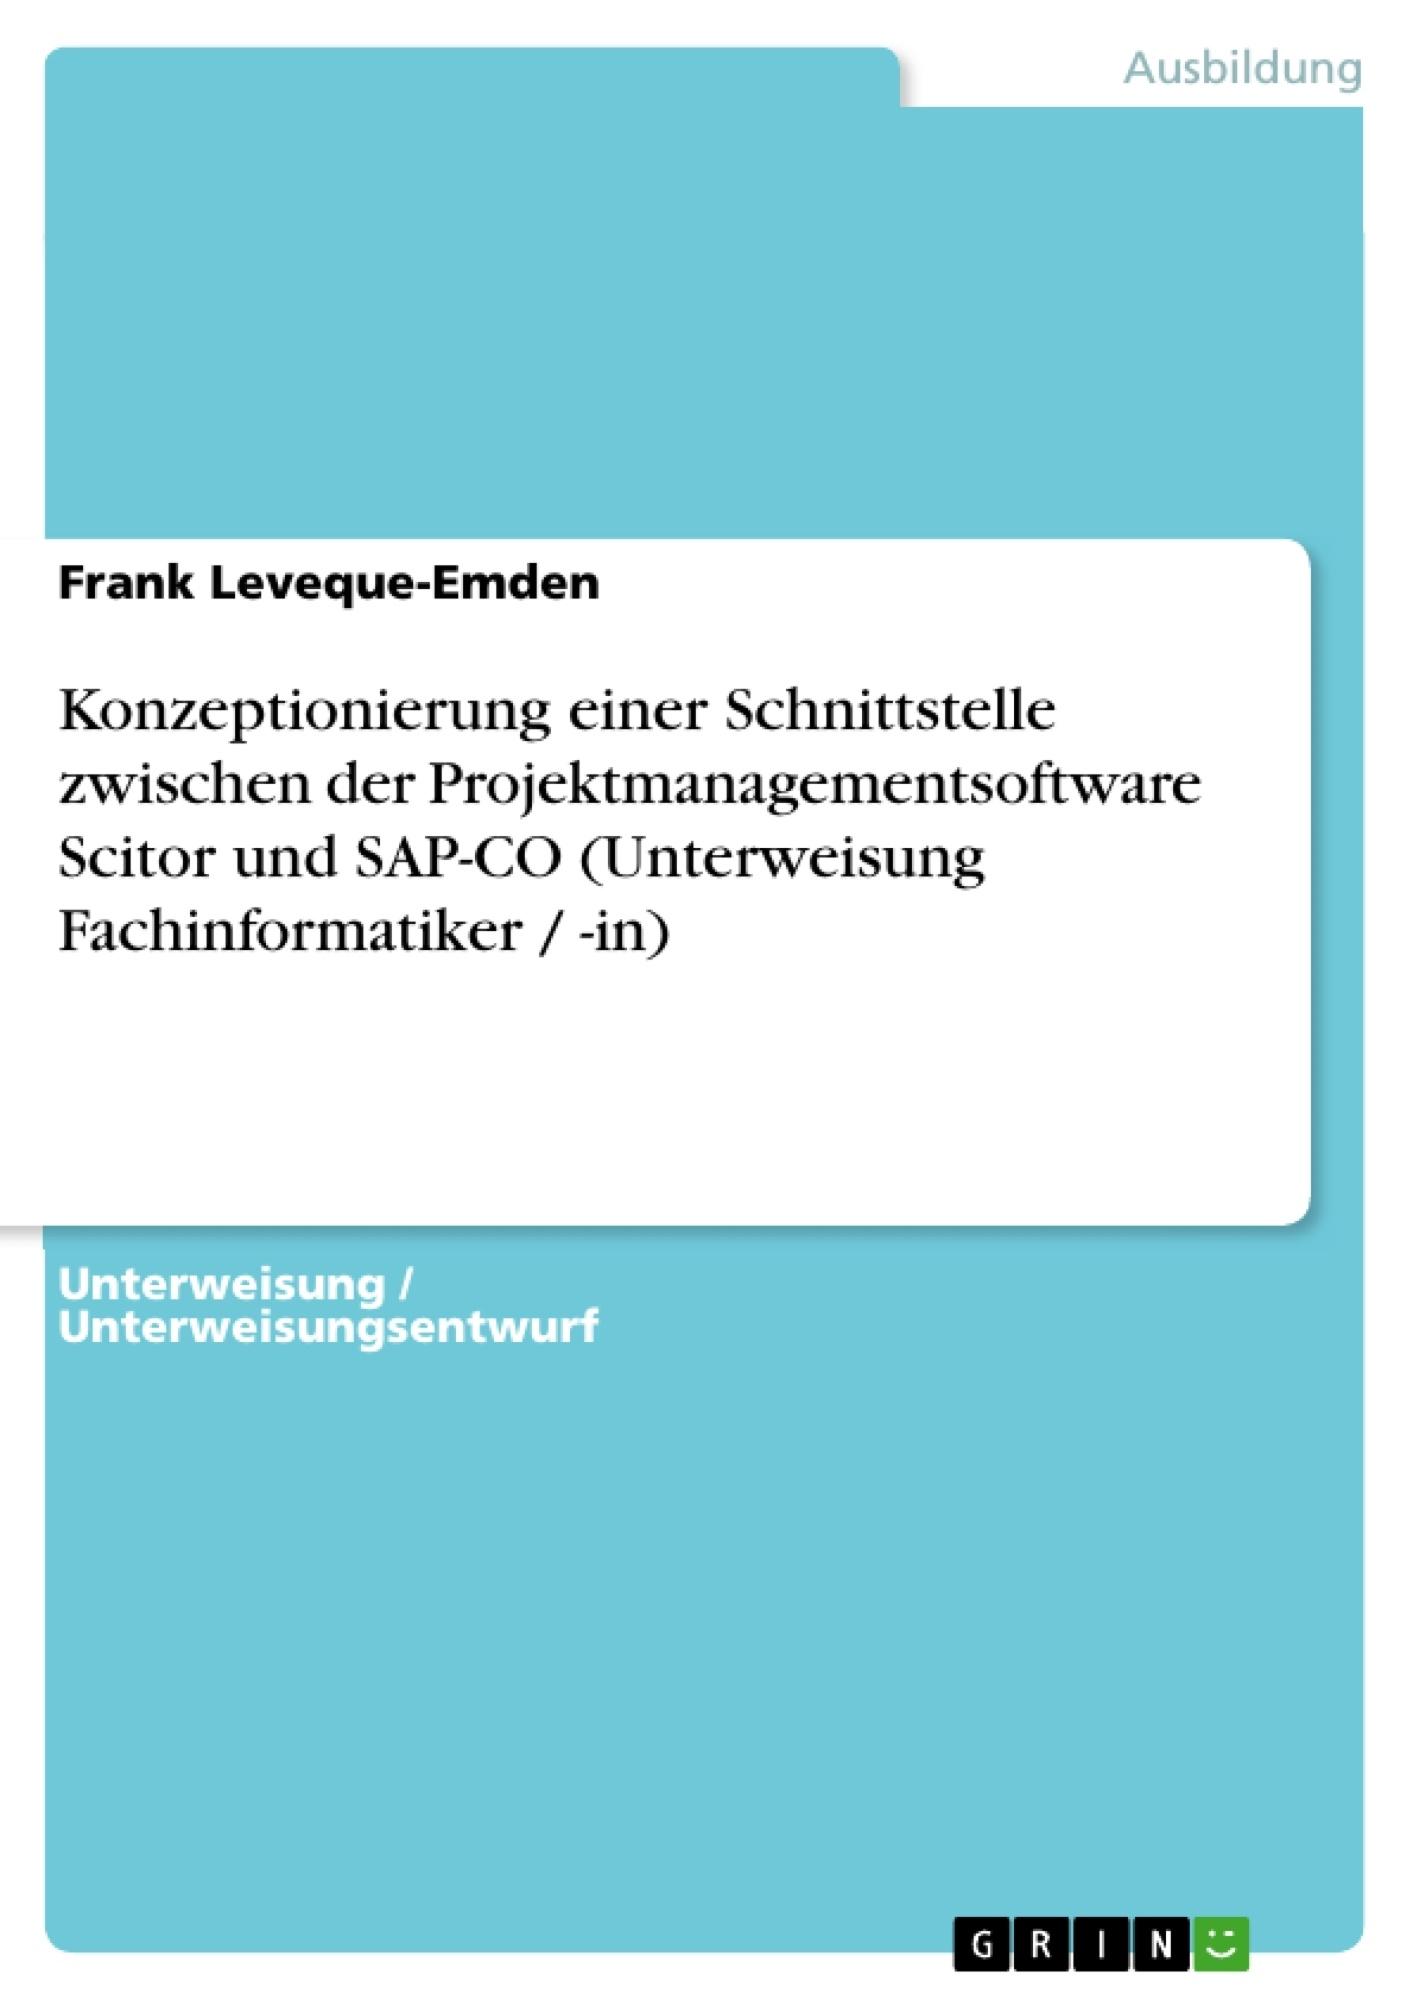 Titel: Konzeptionierung einer Schnittstelle zwischen der Projektmanagementsoftware Scitor und SAP-CO (Unterweisung Fachinformatiker / -in)